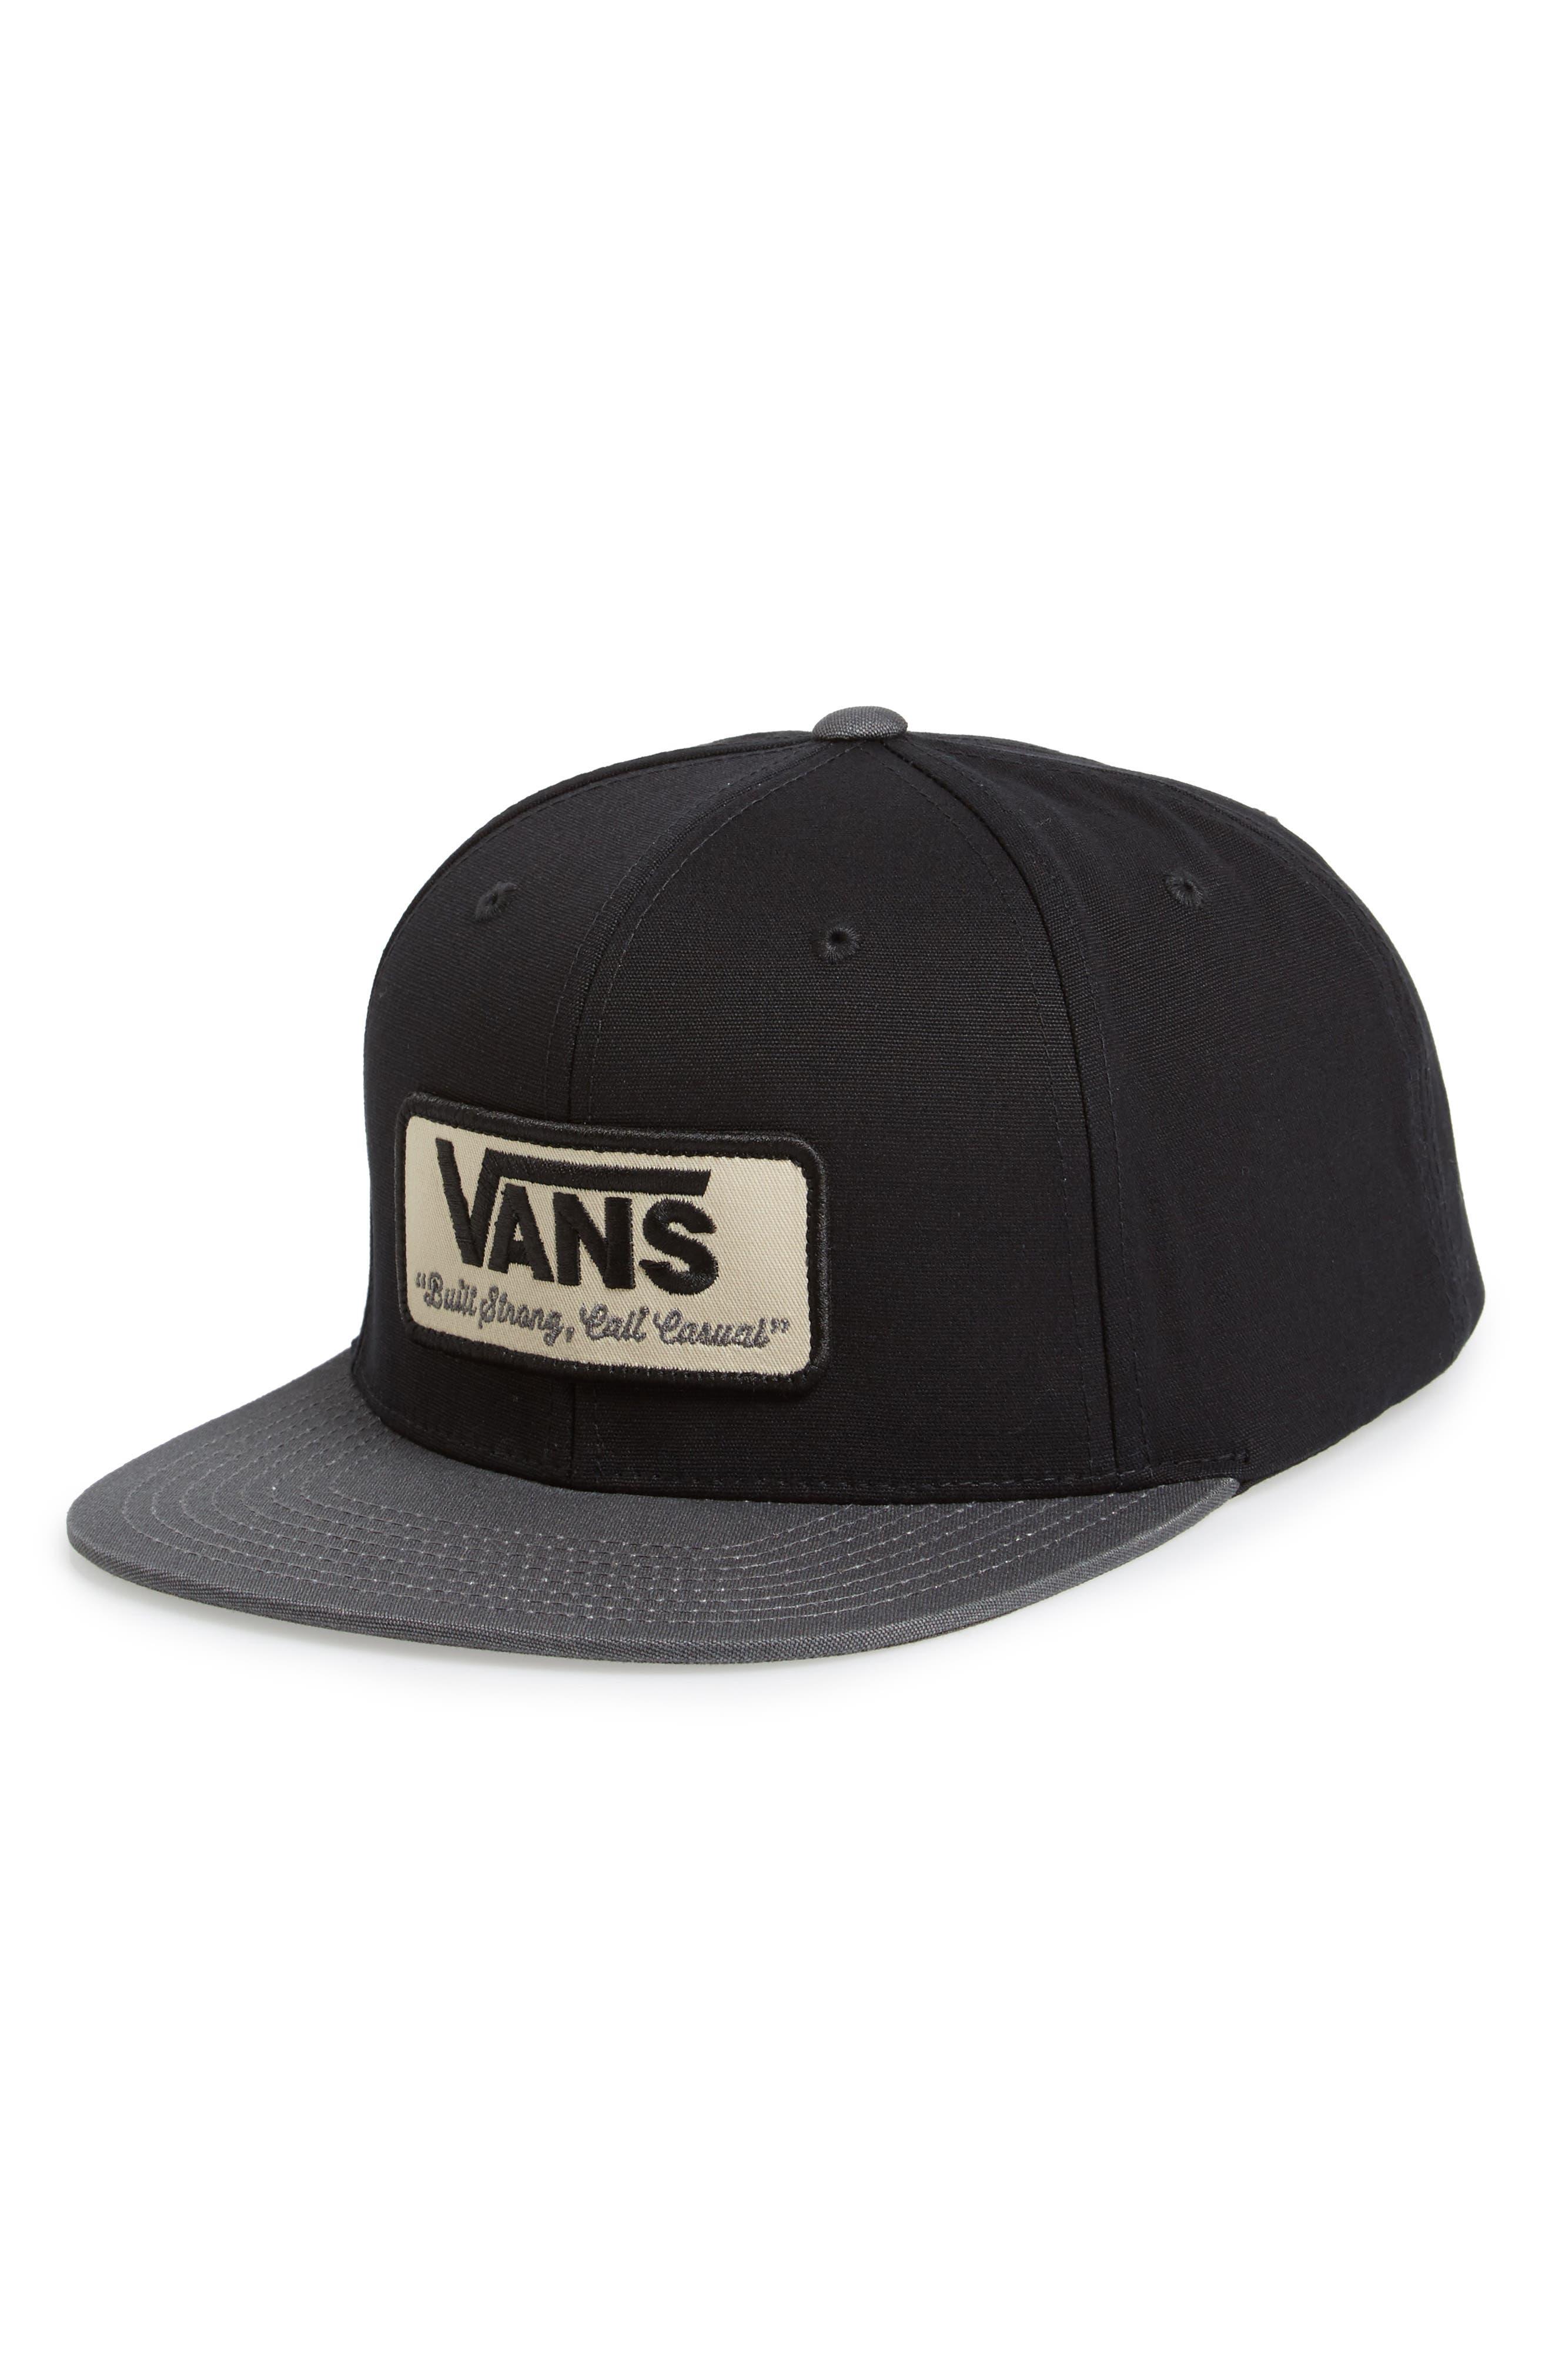 VANS 'Rowley' Snapback Hat, Main, color, 001